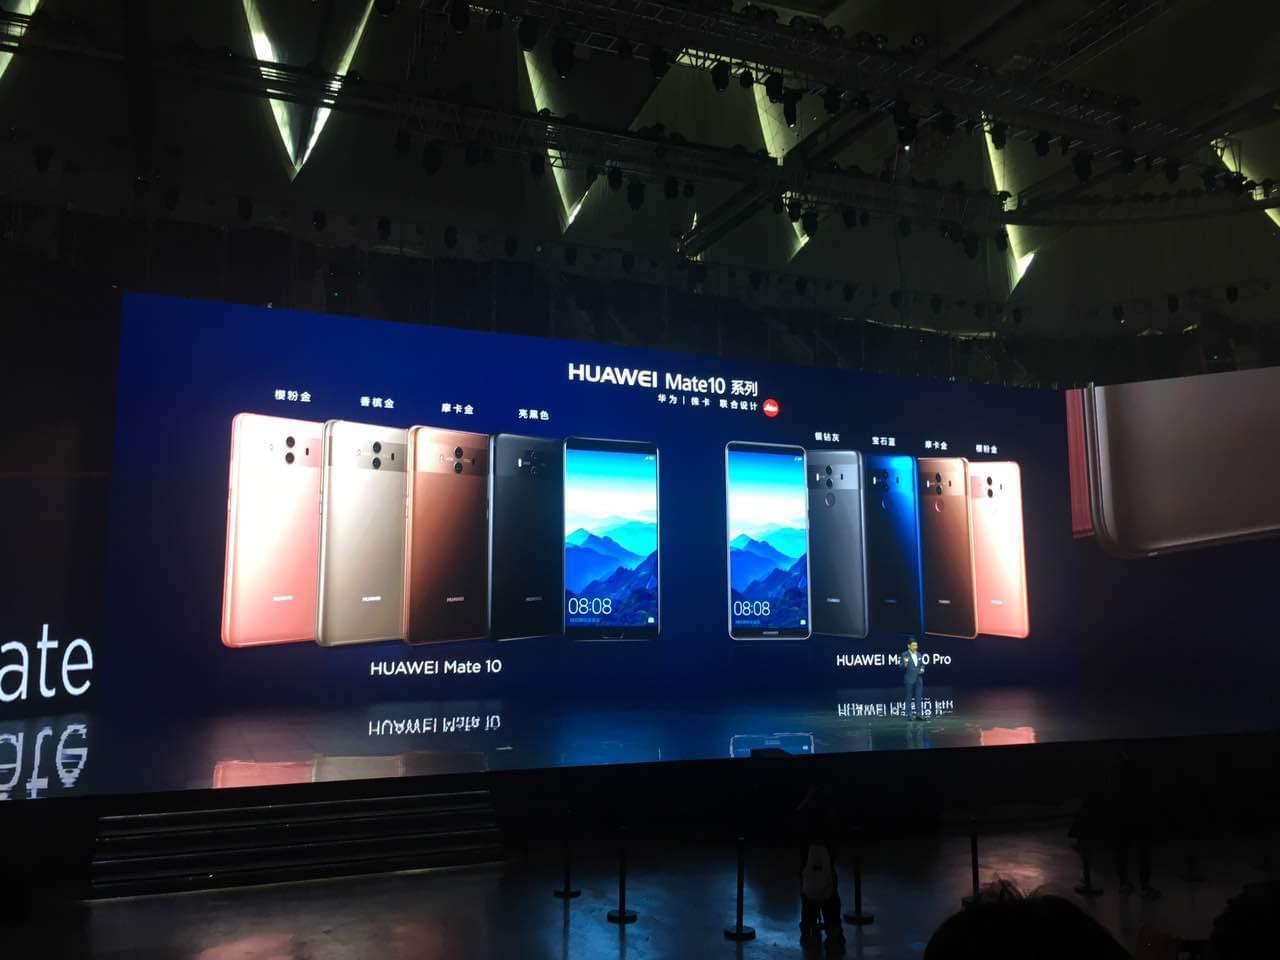 华为Mate10国行版发布 售价3899元起比海外低1500元